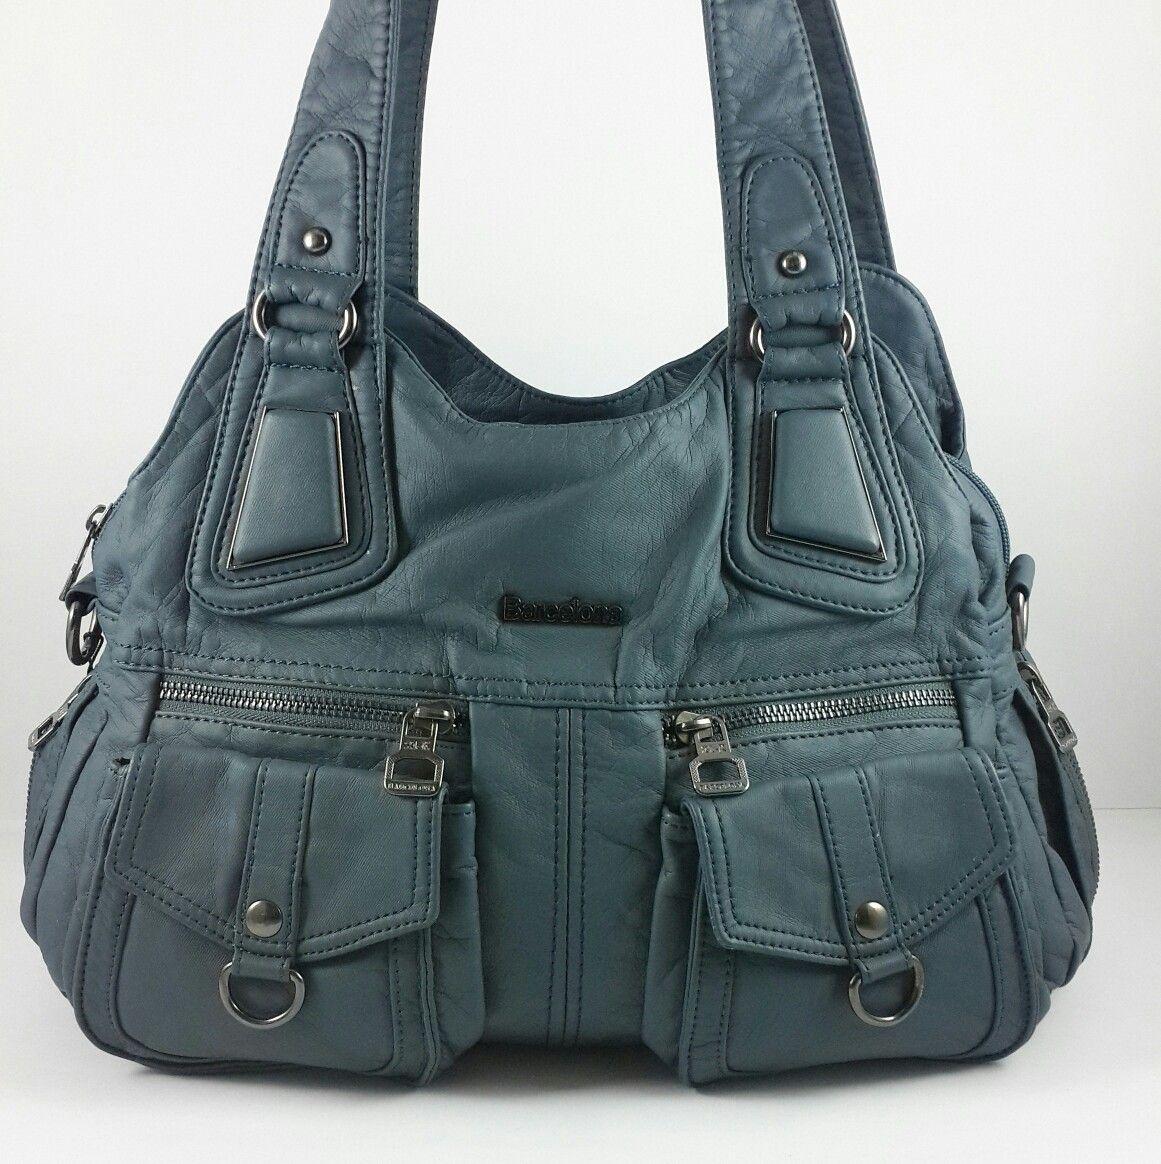 c2386a99ab93a Yıkanmış deri jean mavi omuz askılı çapraz çanta modelleri  yenikundura.com'da.